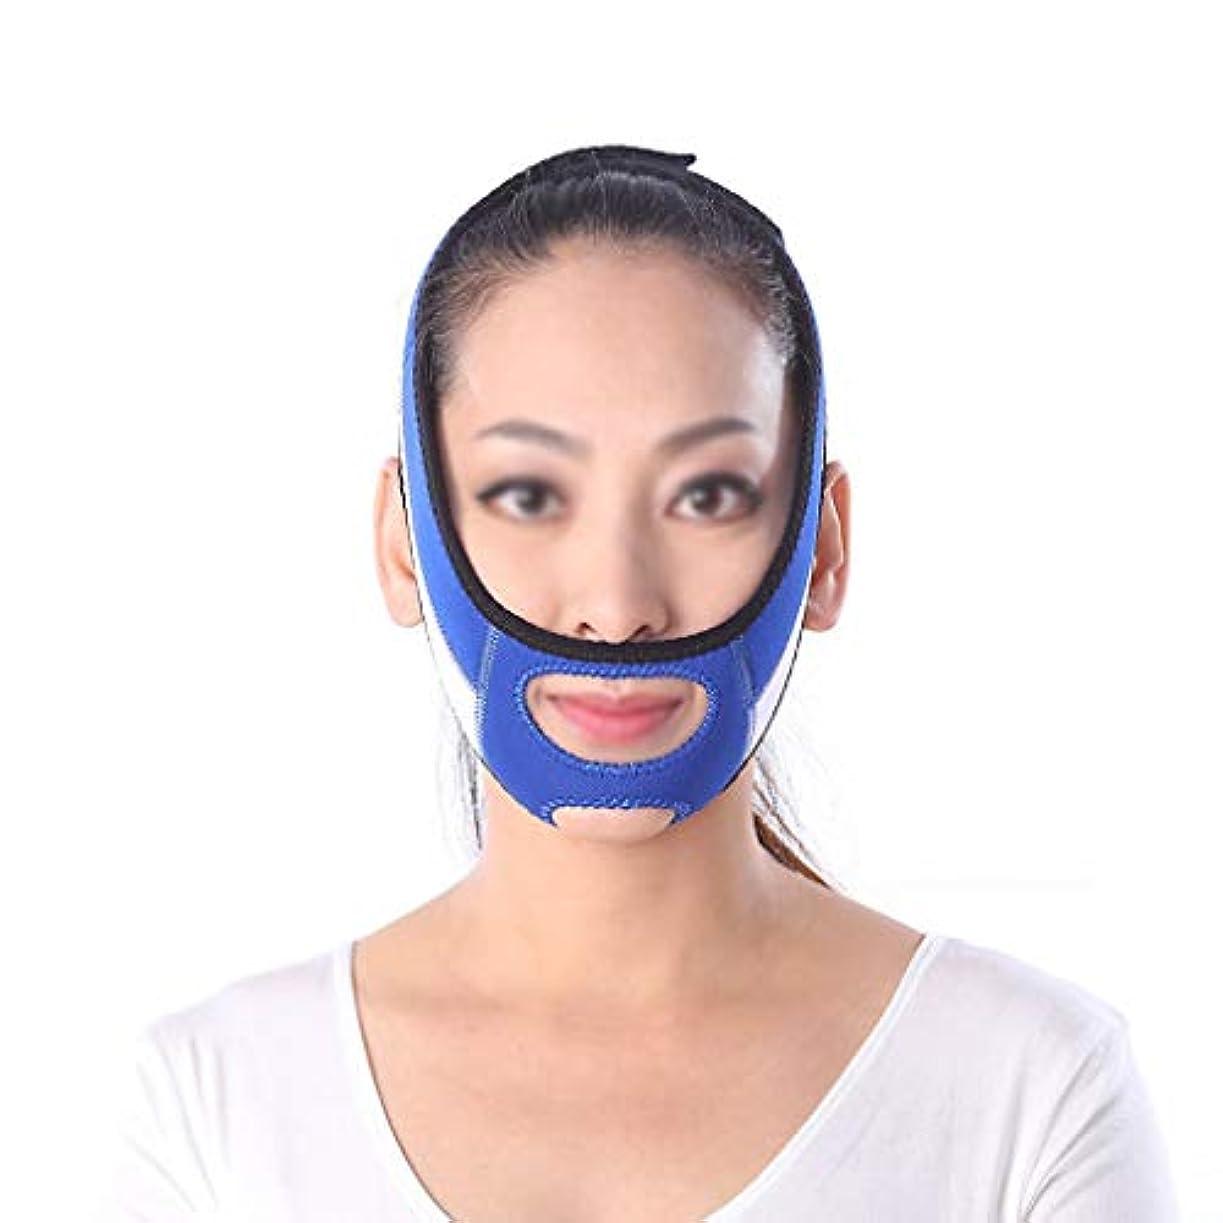 早い織るパン屋フェイスリフティング包帯、フェイスリフティングマスク、フェイスリフティング器具、二重あごケア減量、フェイシャルリフティングストラップ(フリーサイズ、ブルー)